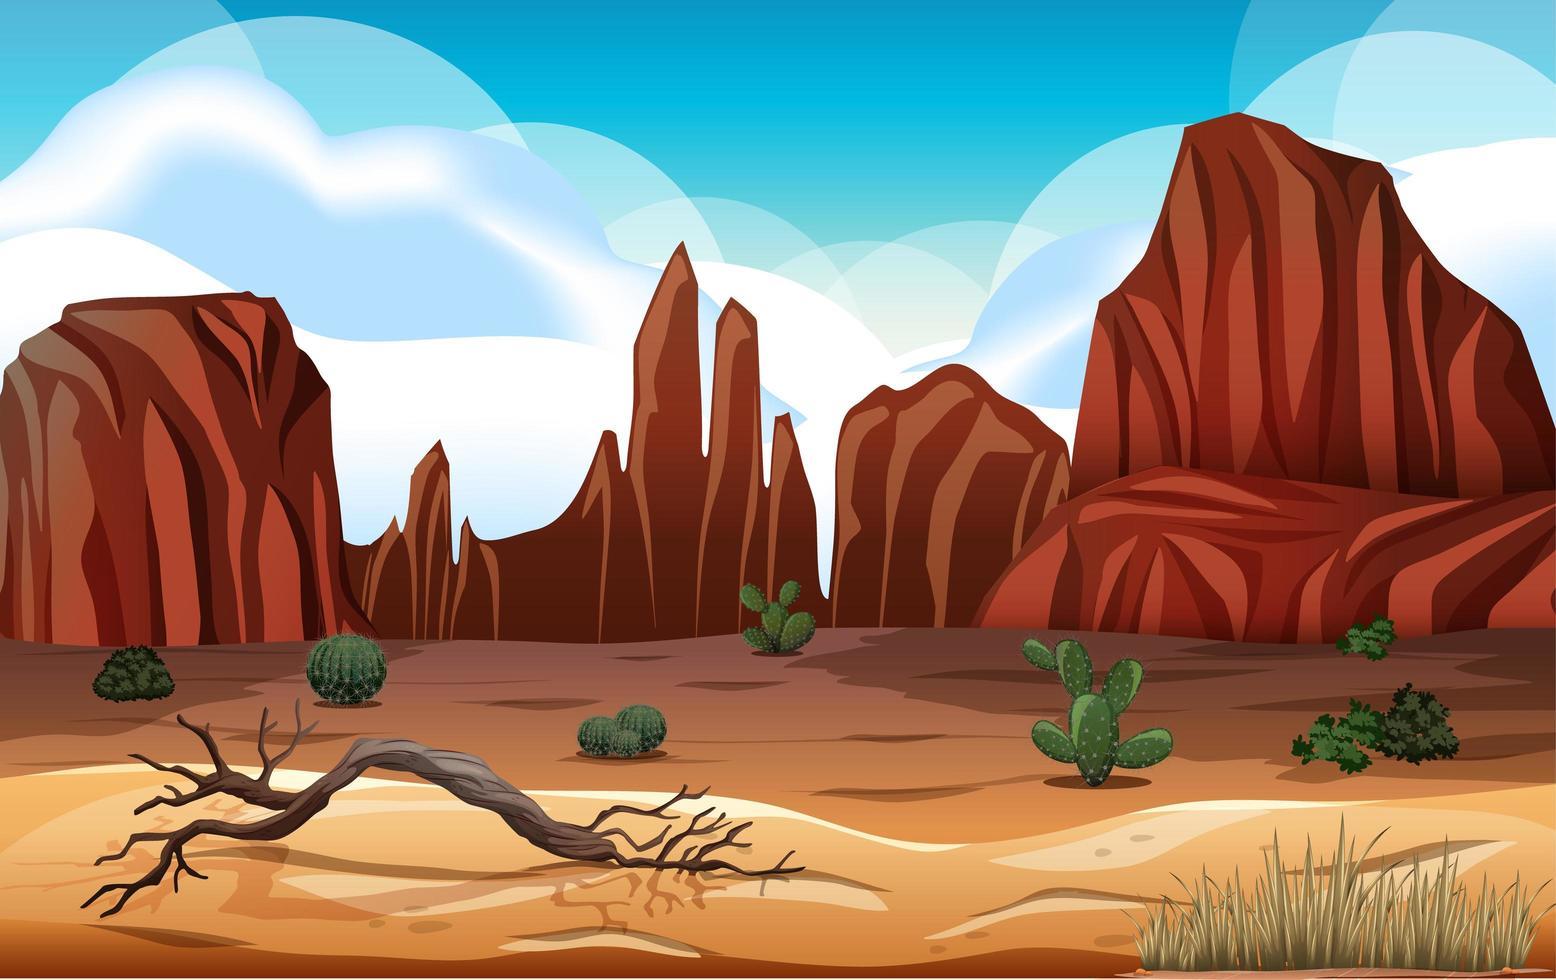 désert avec paysage de montagnes rocheuses à la scène de la journée vecteur